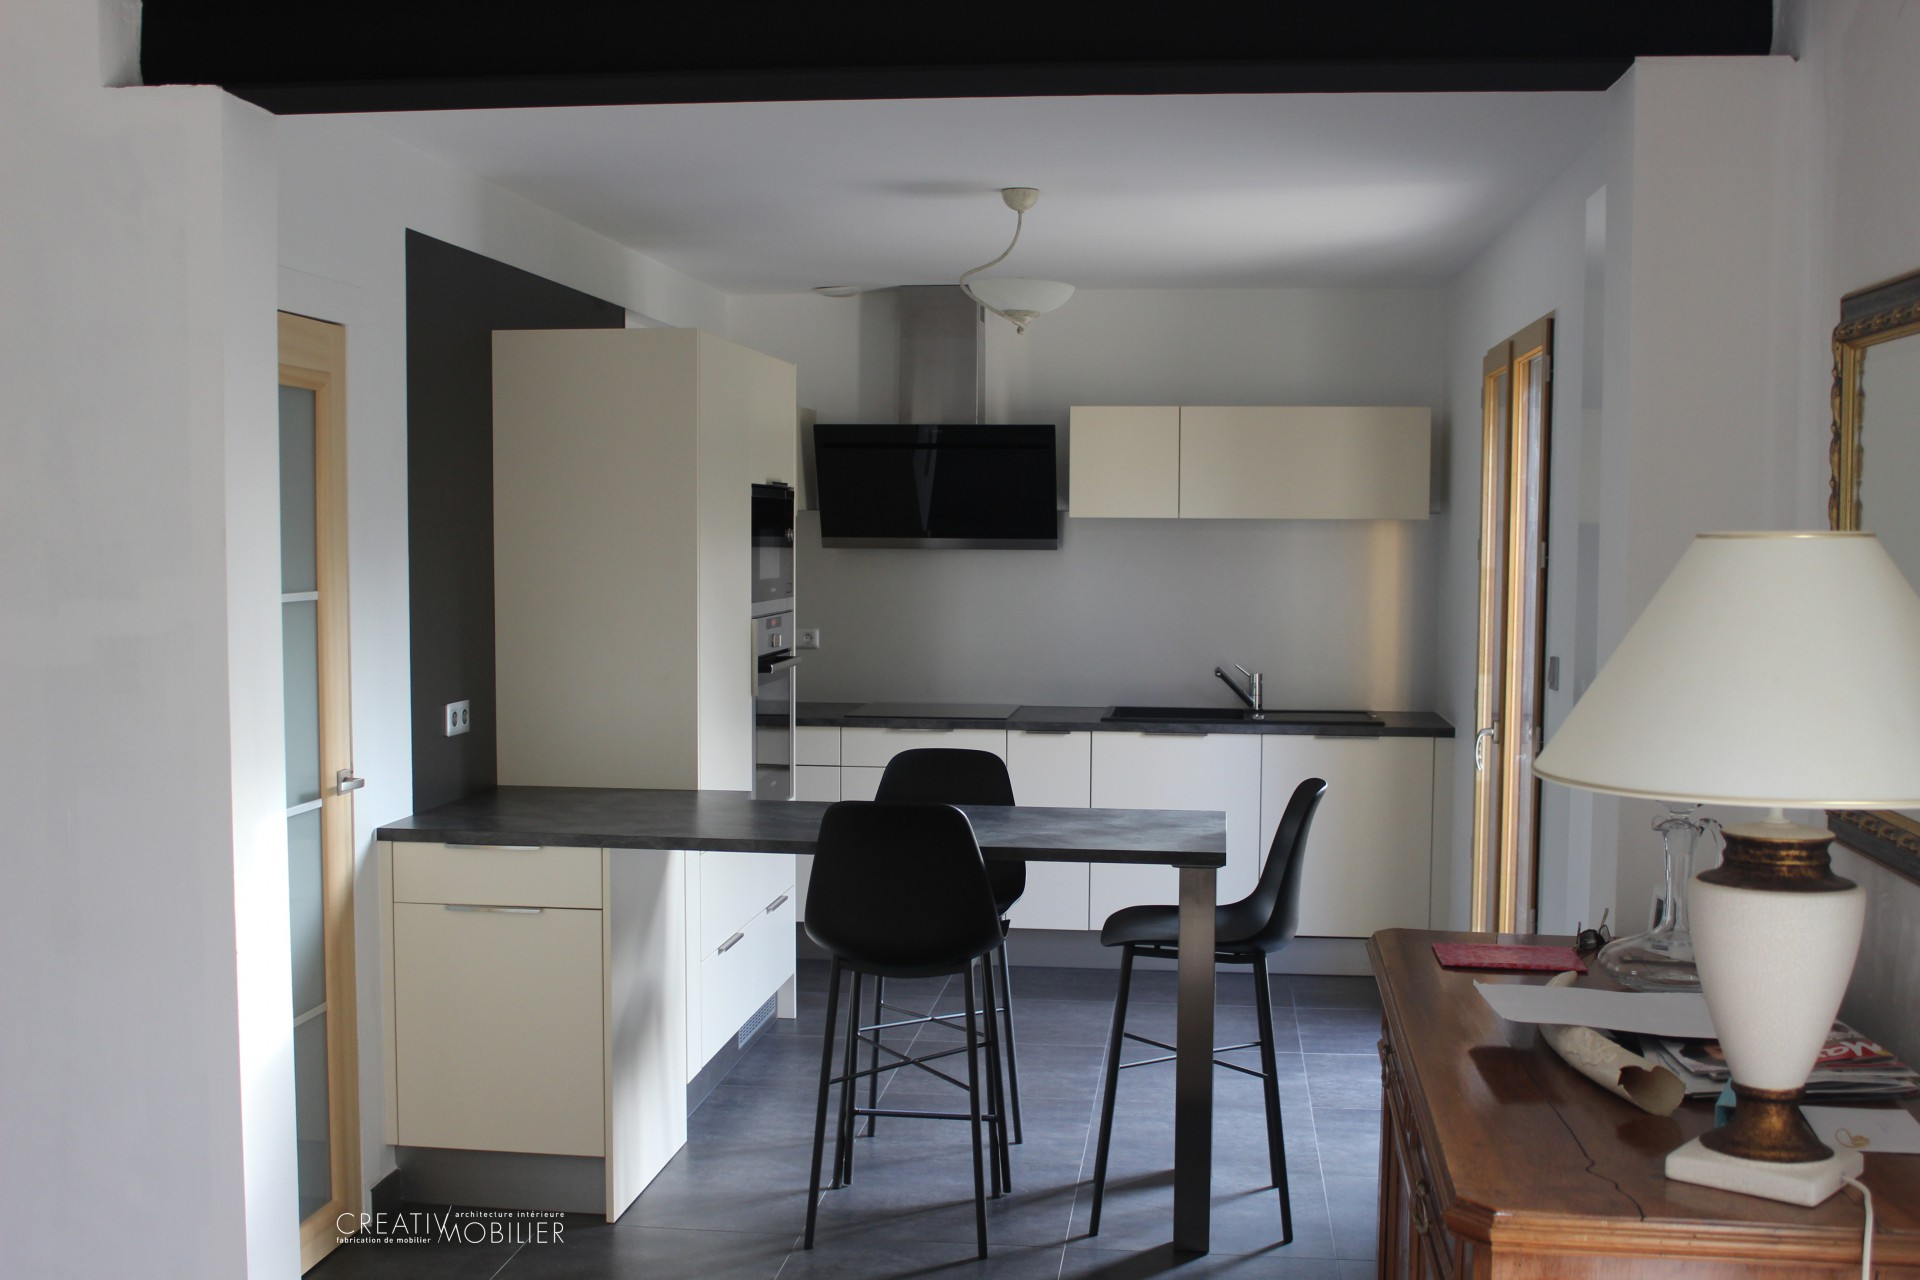 cuisine sur mesure aux teintes douces sur angers creativ mobilier. Black Bedroom Furniture Sets. Home Design Ideas